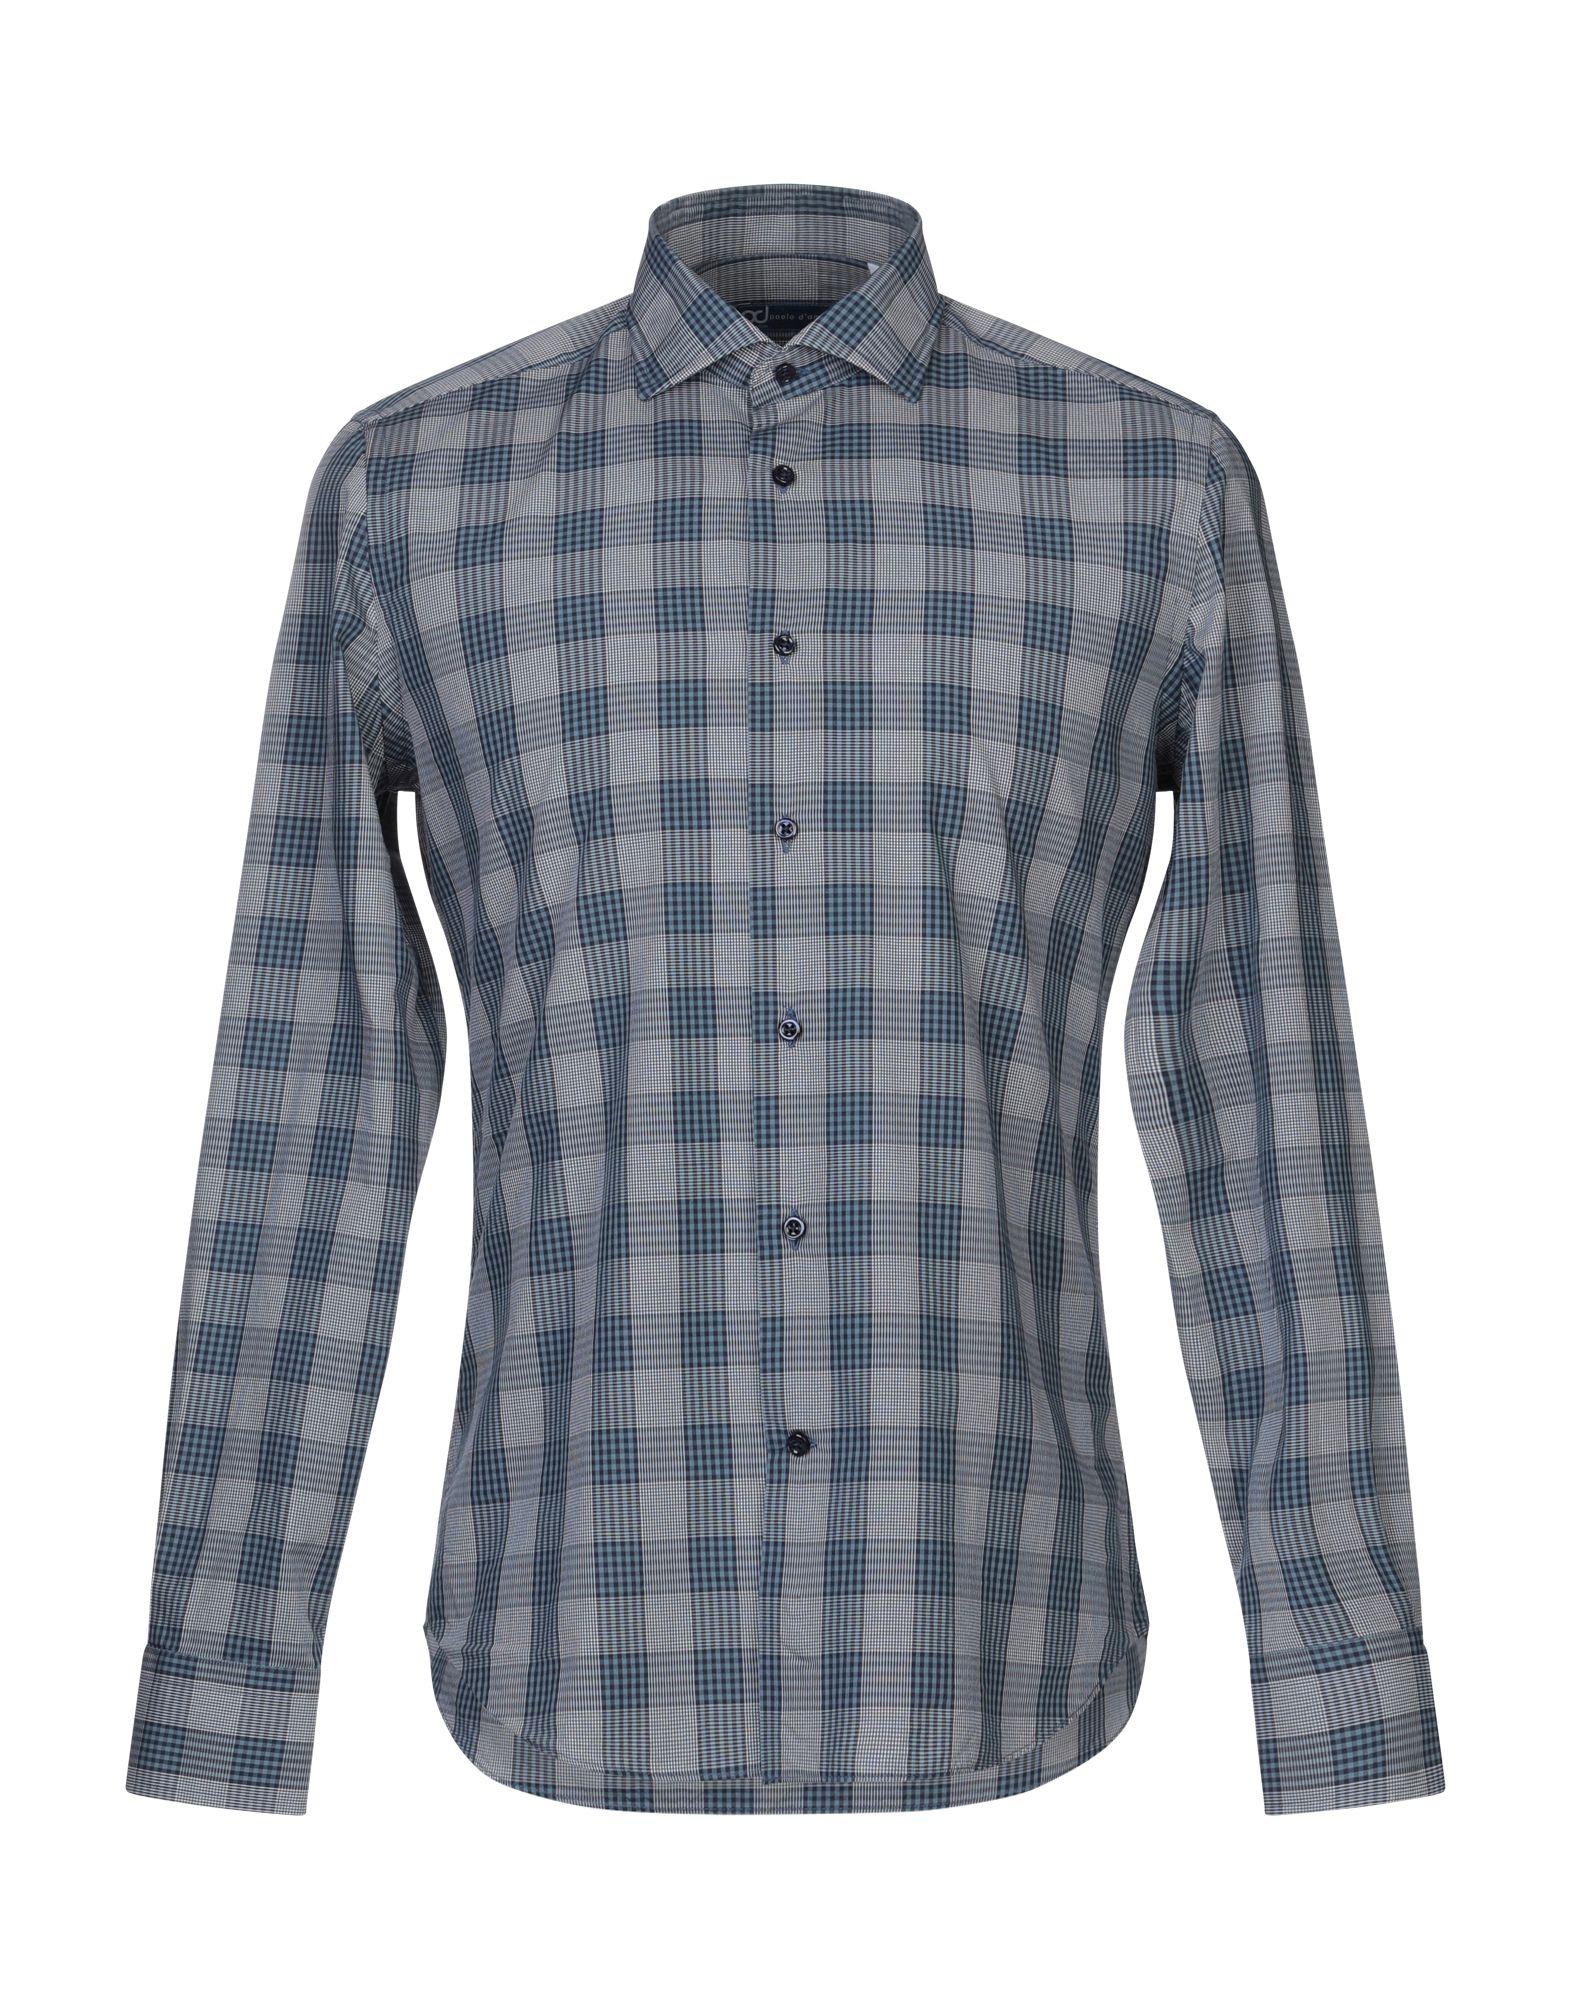 《送料無料》PAOLO D'AMATO メンズ シャツ ブルーグレー 39 コットン 100%